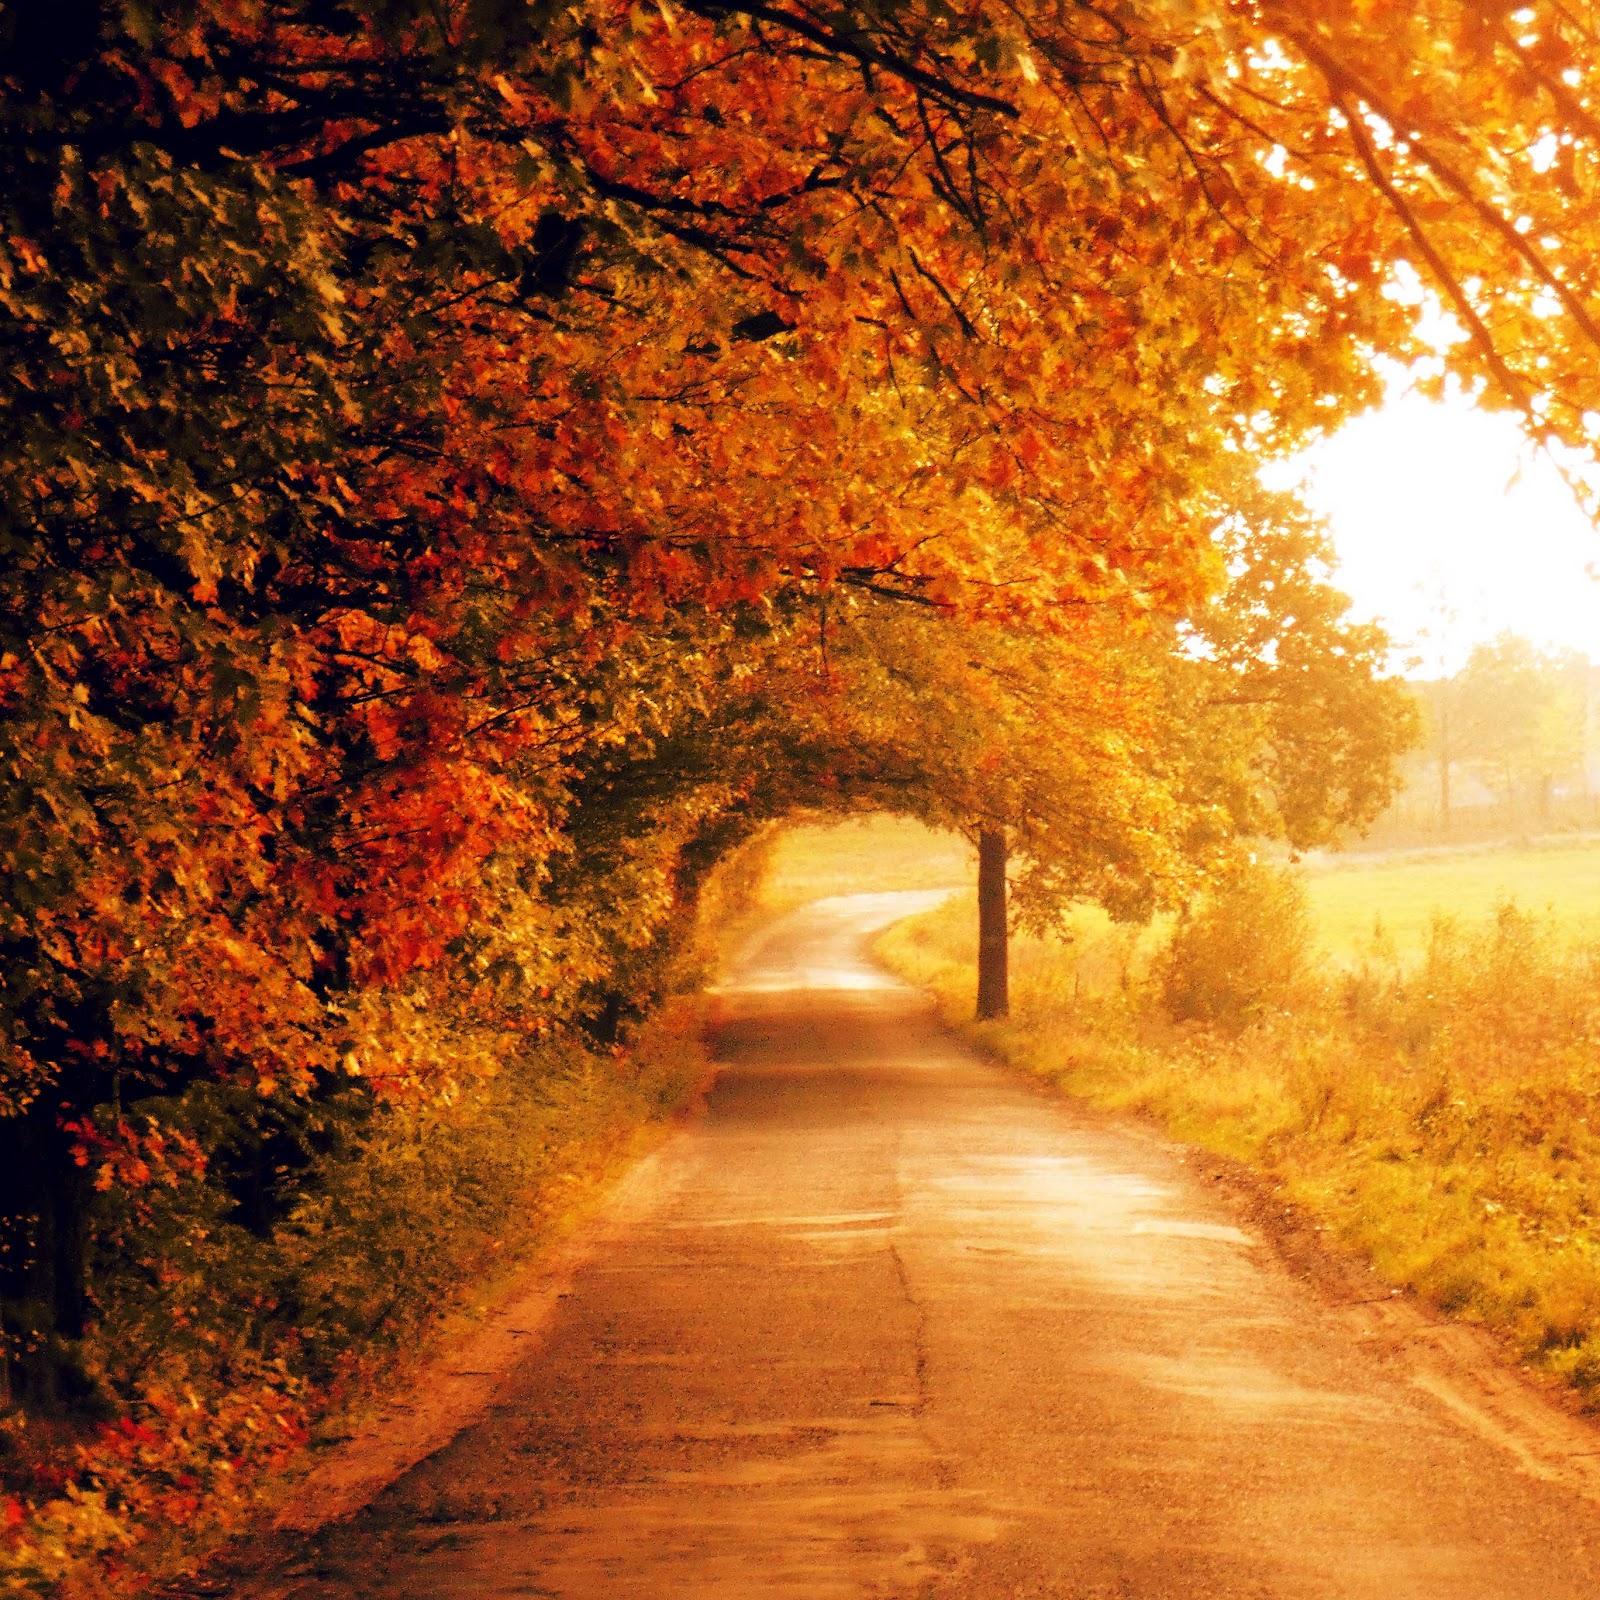 Fall Wallpaper Images Free: Free Full HD Wallpaper صور عالية الجودة : Autumn Full HD